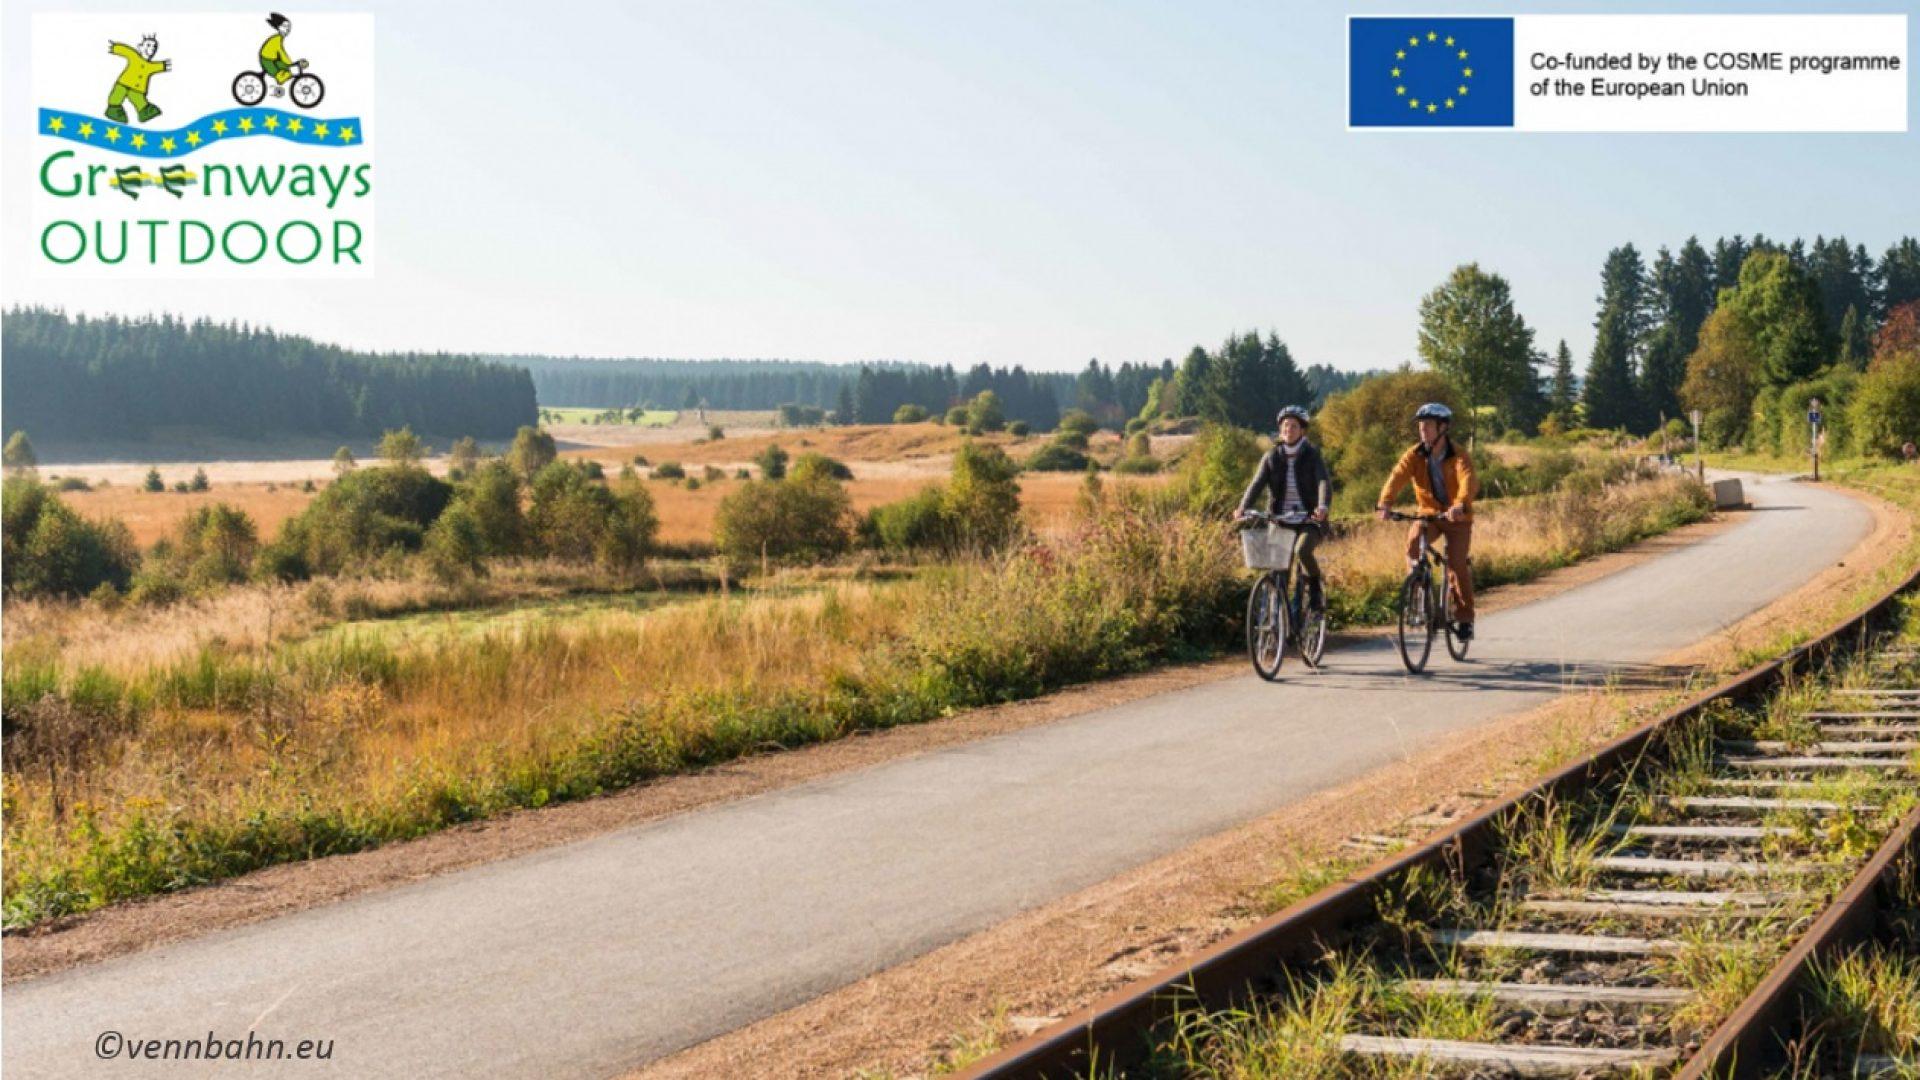 """""""Vías verdes Outdoor"""" para la creación y promoción de producto turístico de aire libre vinculado a las Vías Verdes europeas."""